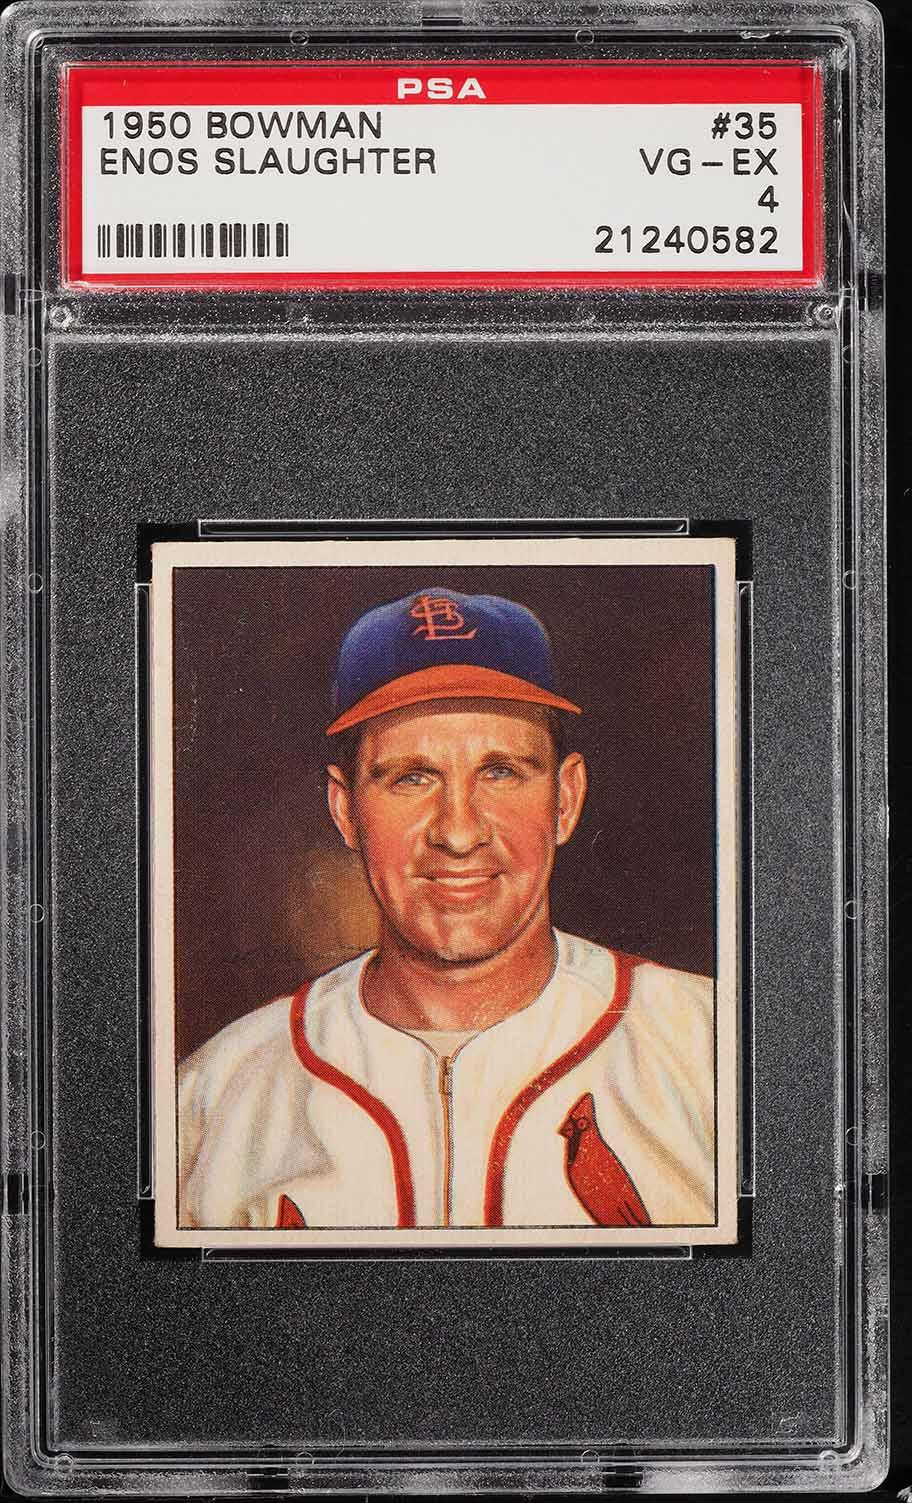 1950 Bowman Enos Slaughter #35 PSA 4 VGEX (PWCC) - Image 1